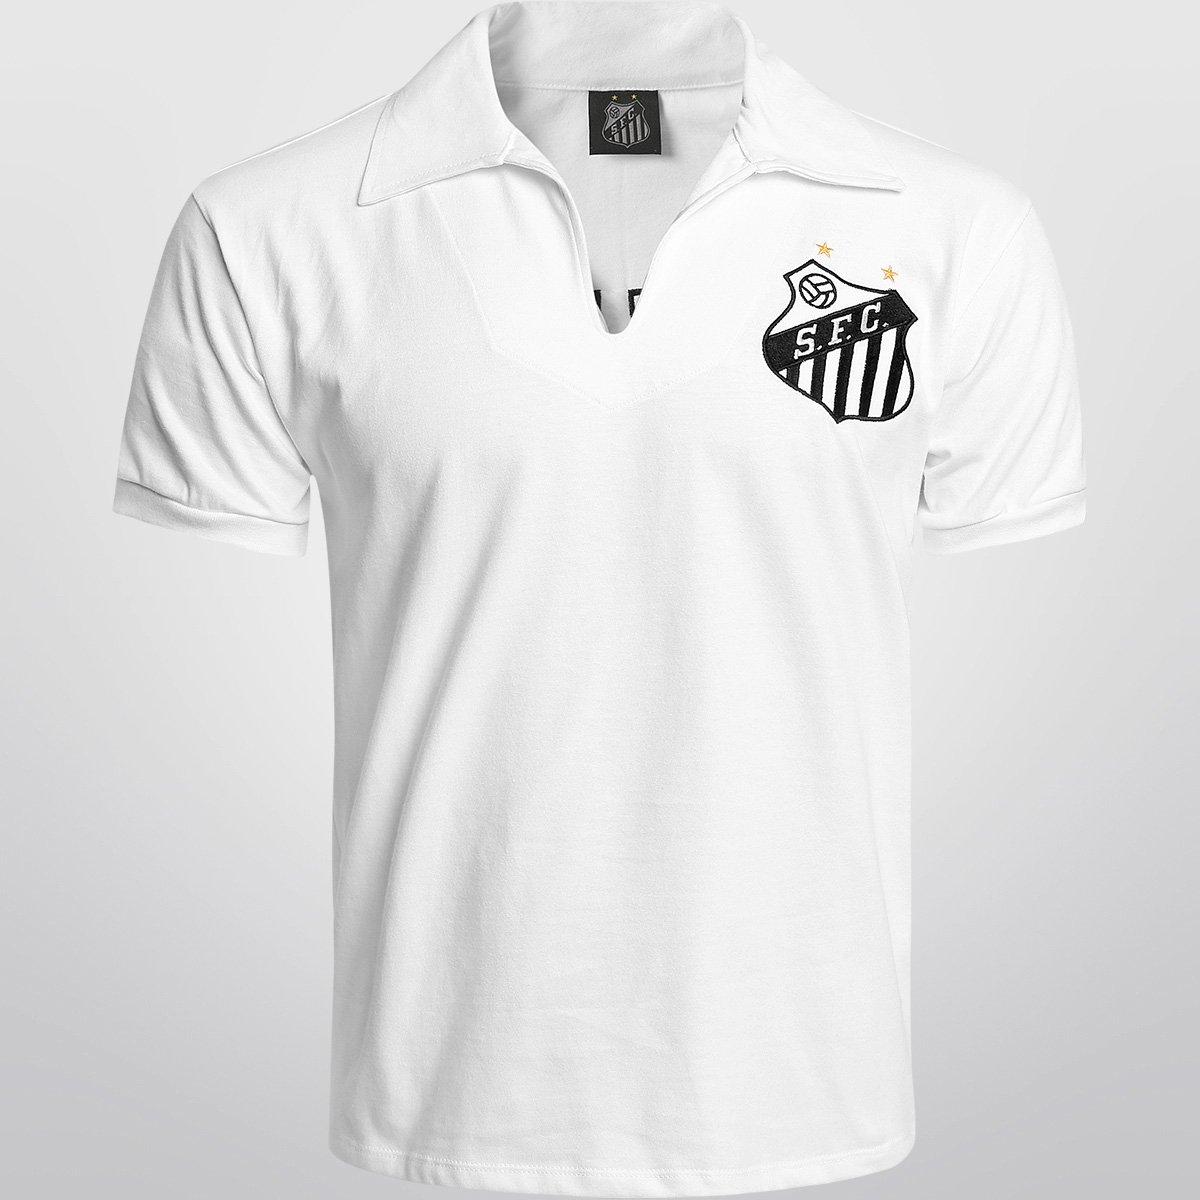 e91f198336 Camisa Santos Retrô nº 10 - Pelé - Compre Agora